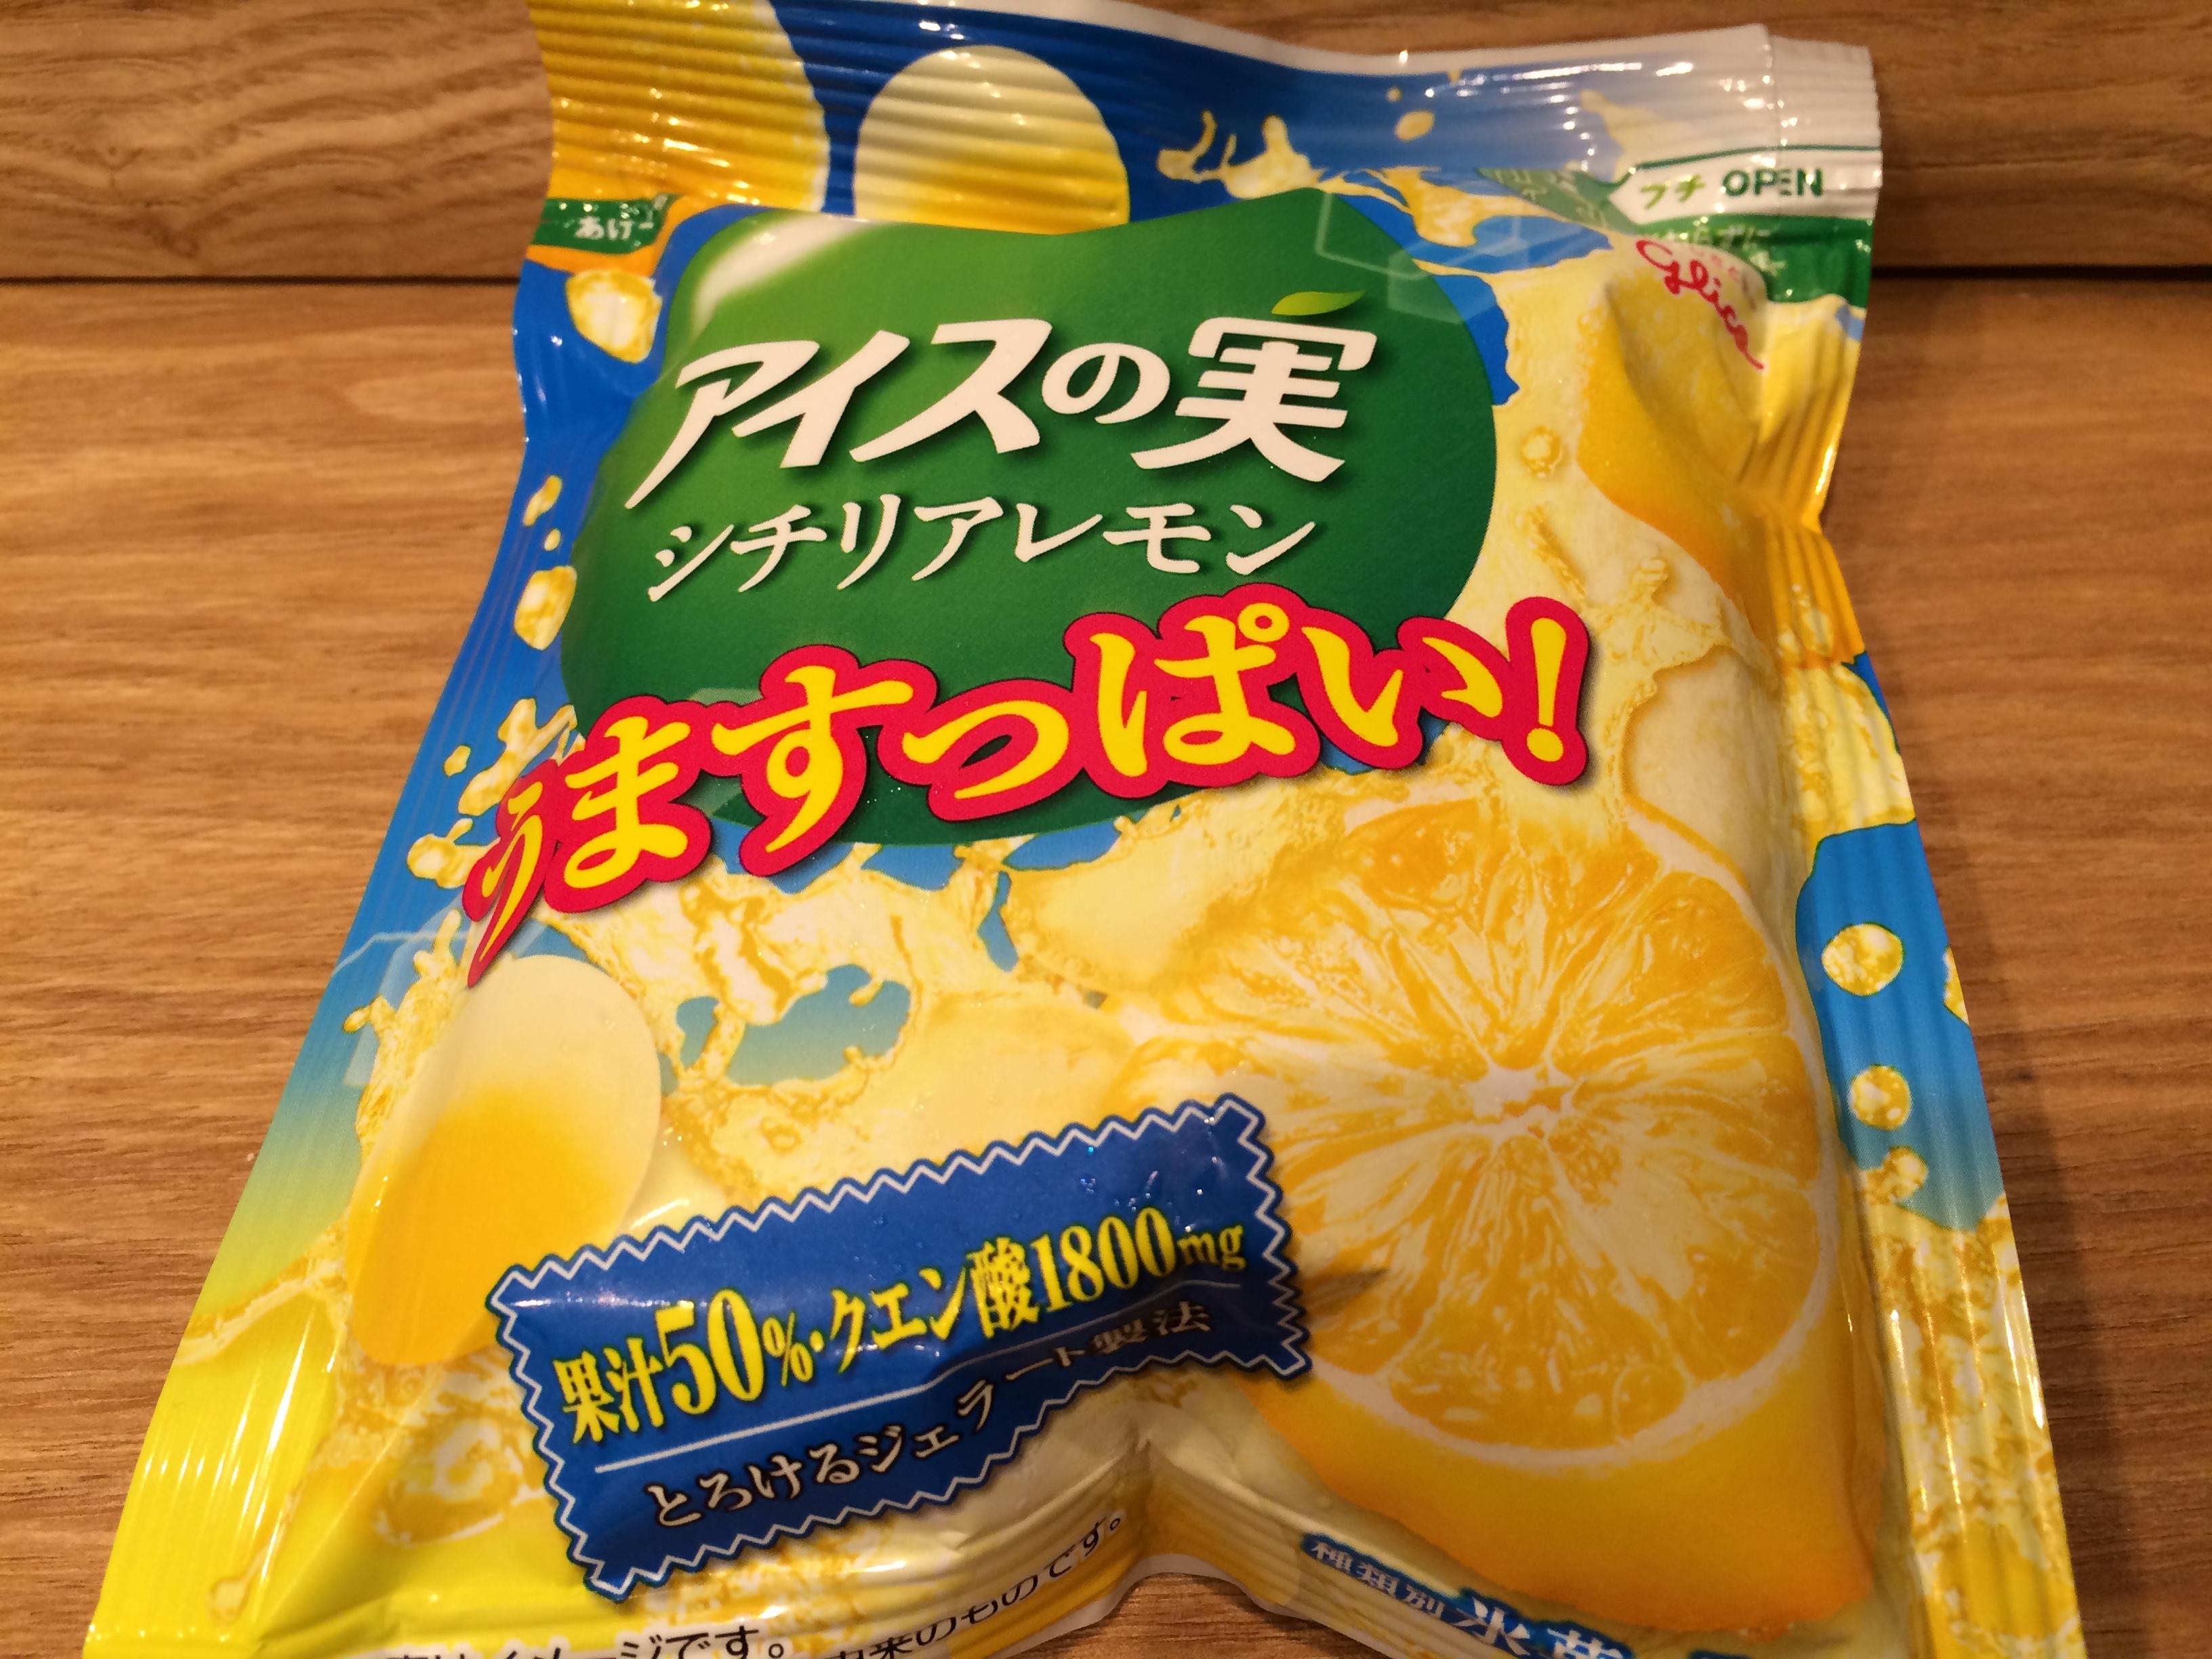 真夏にピッタリ!低カロリーのアイスの実シチリアレモンがヤバイ!